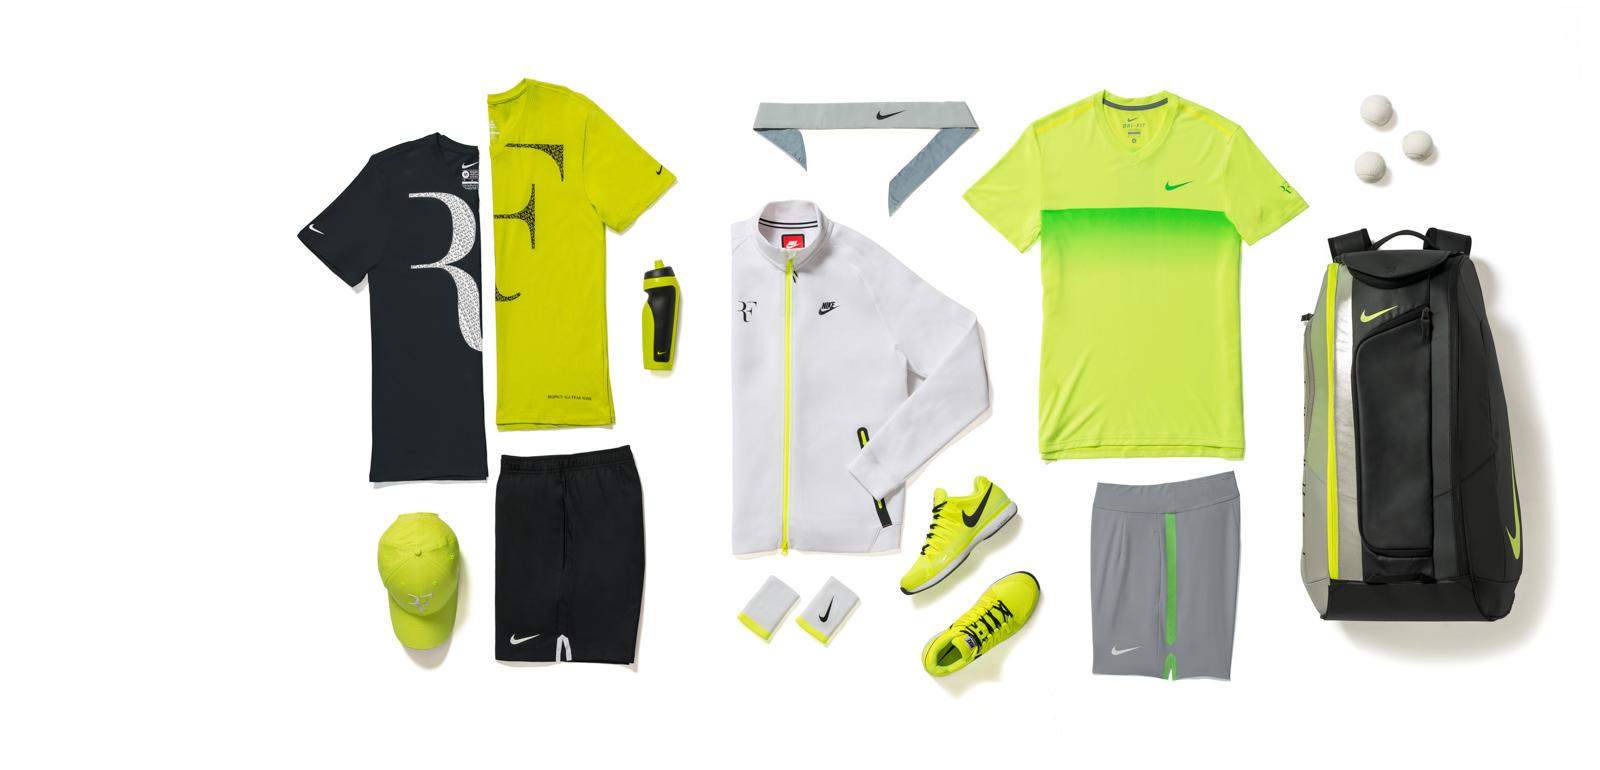 dbb92d2333 Tenue de tennis nike - Chapka, doudoune, pull & Vetement d'hiver